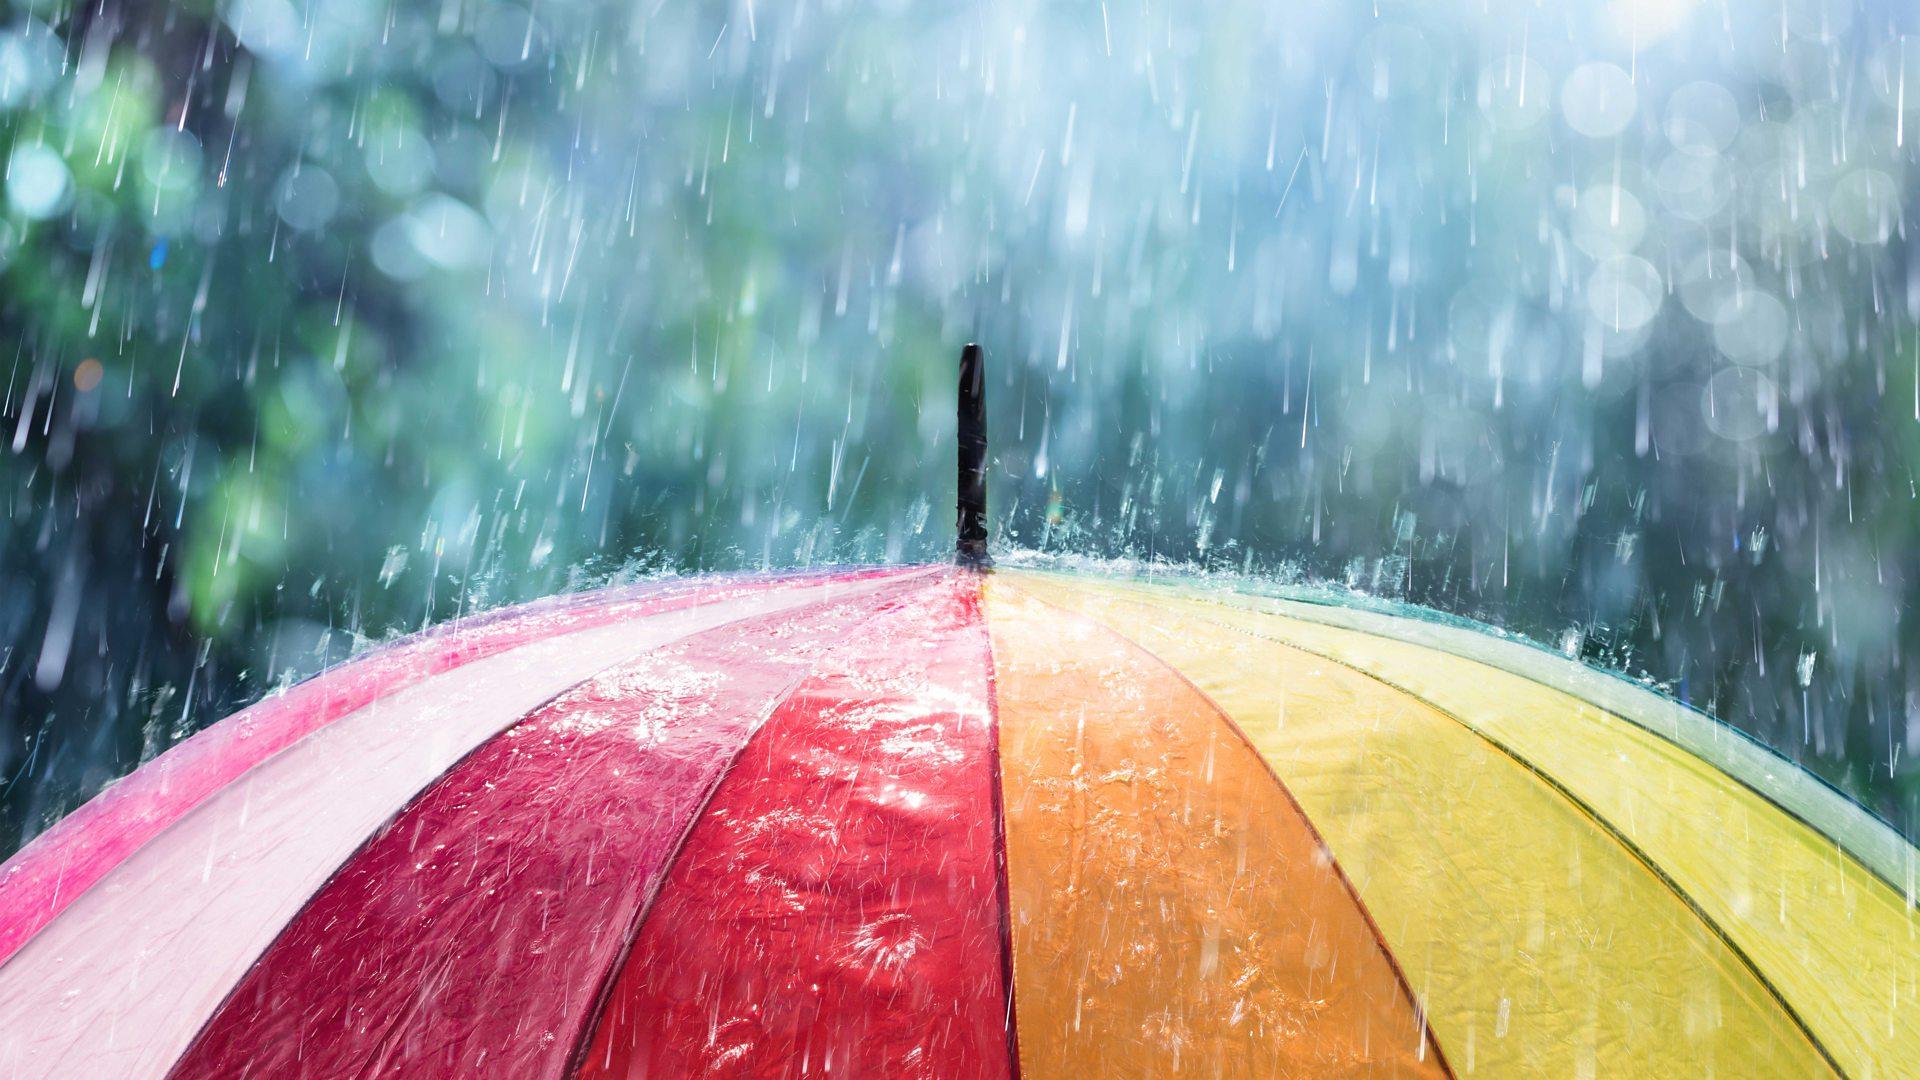 Bila Hujan Enggan Menyapa – Amalan Agar Allah Menurunkan Hujan